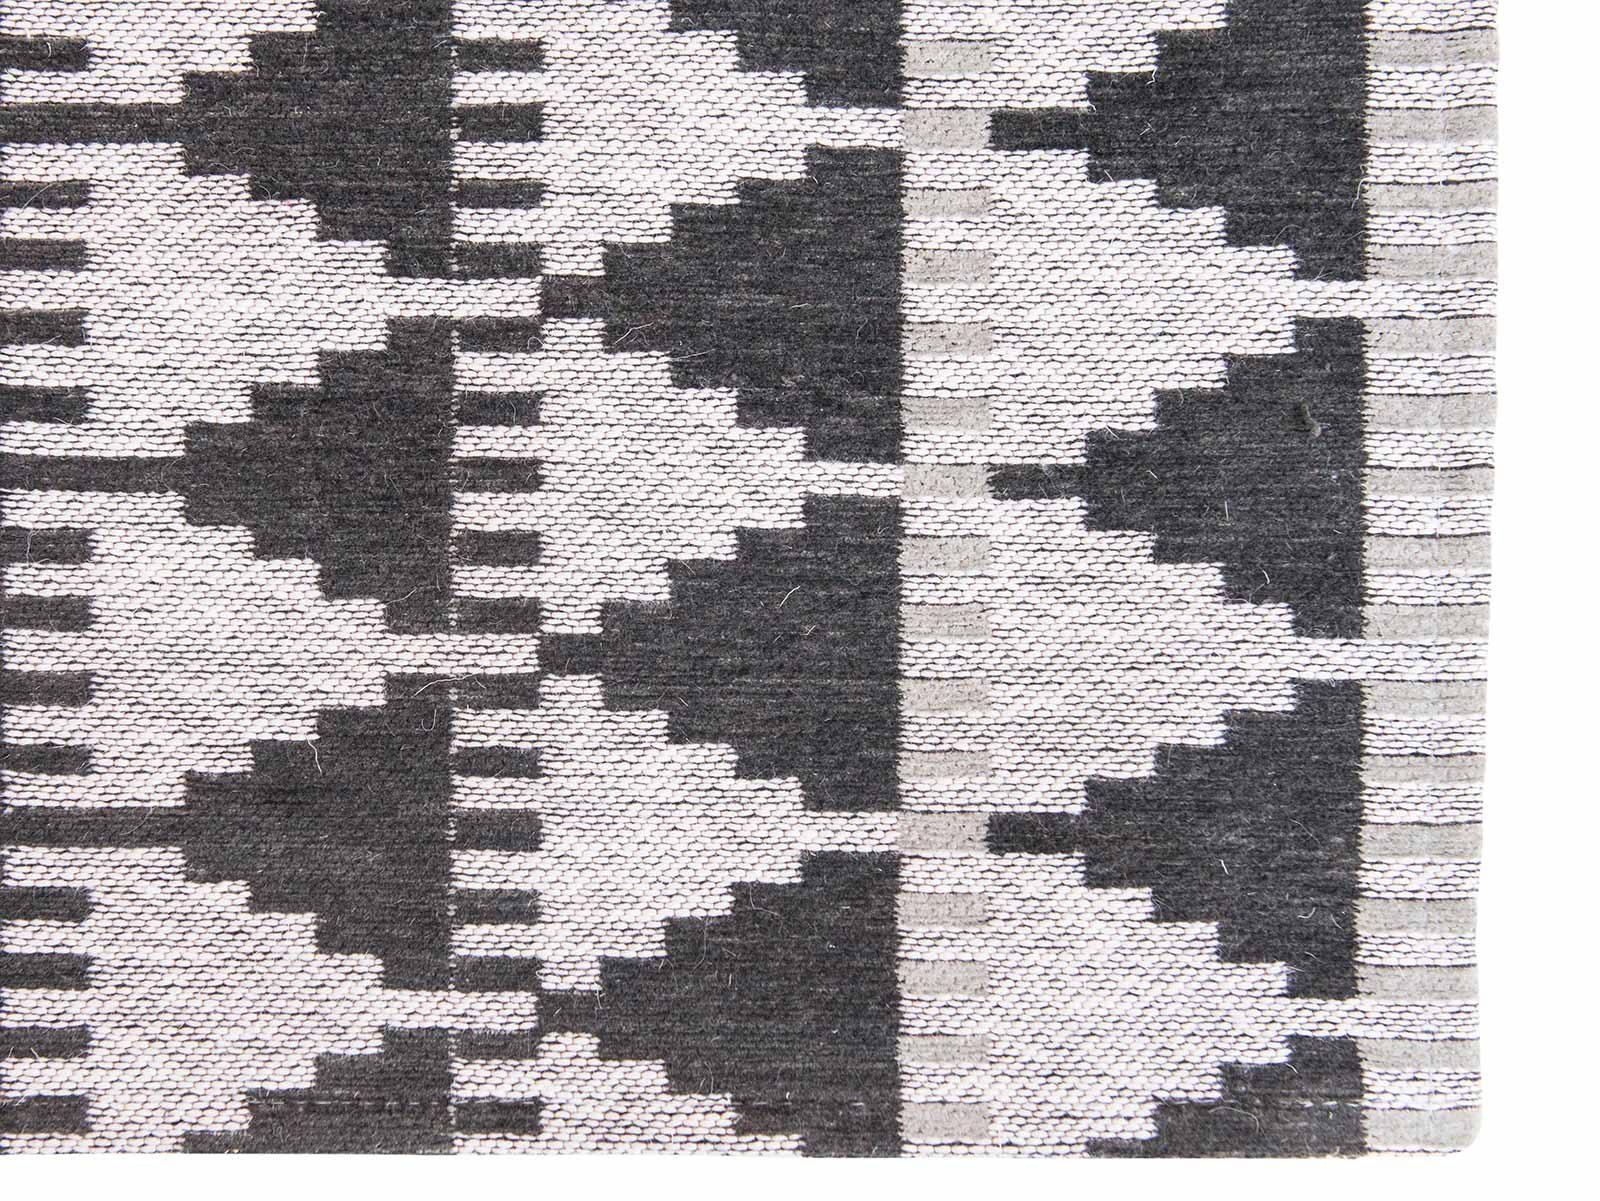 Louis De Poortere alfombras Villa Nova LX 8764 Tobi Onyx corner